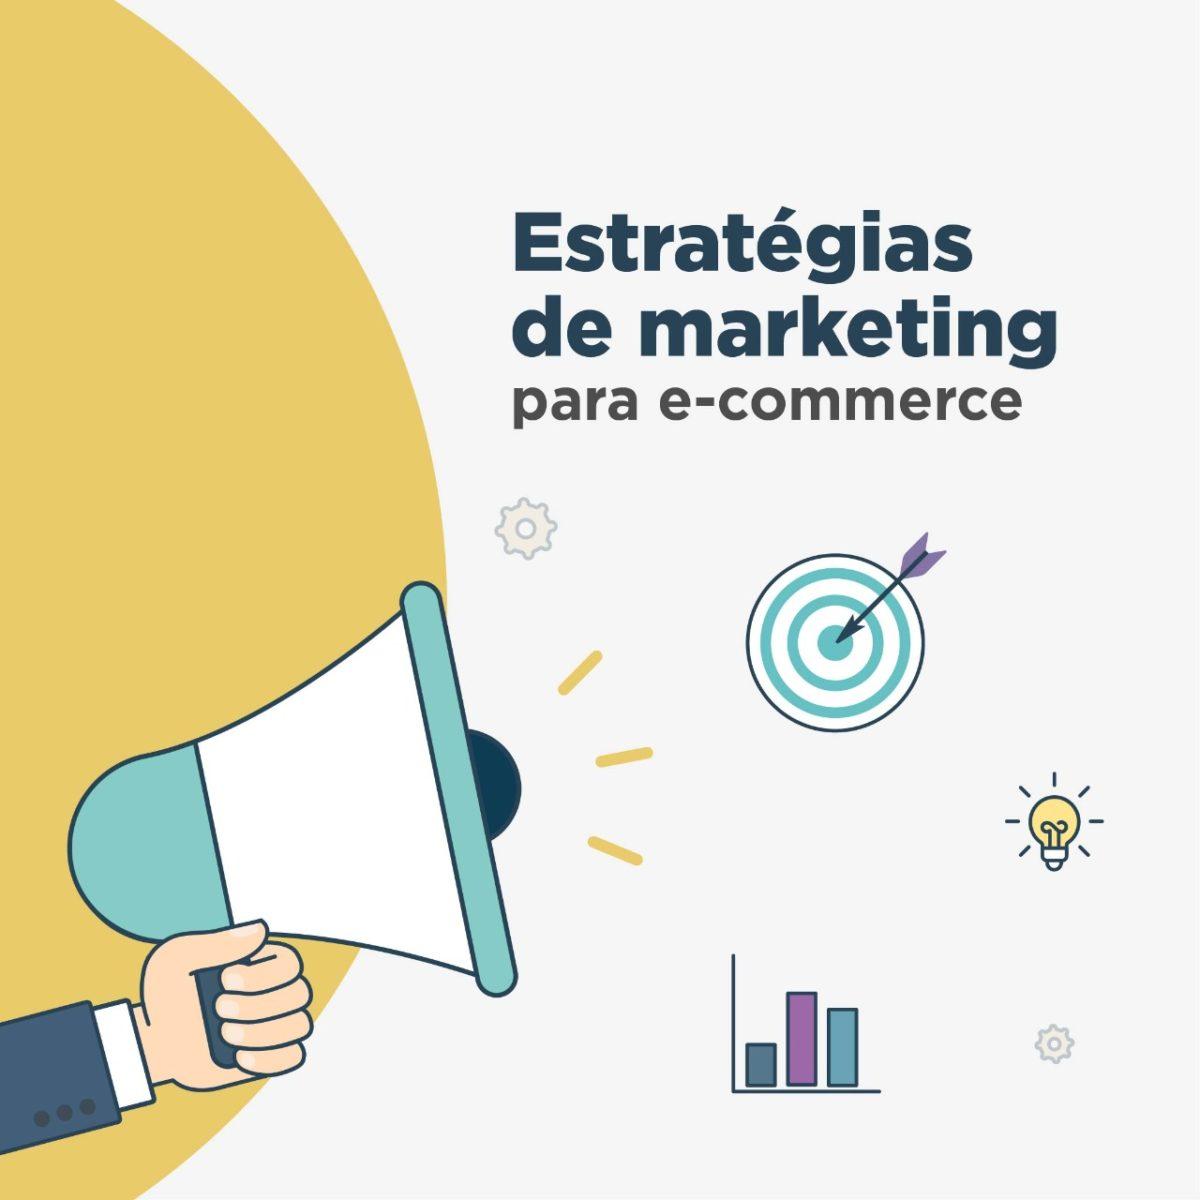 Marketing para e-commerce: saiba como montar uma boa estratégia